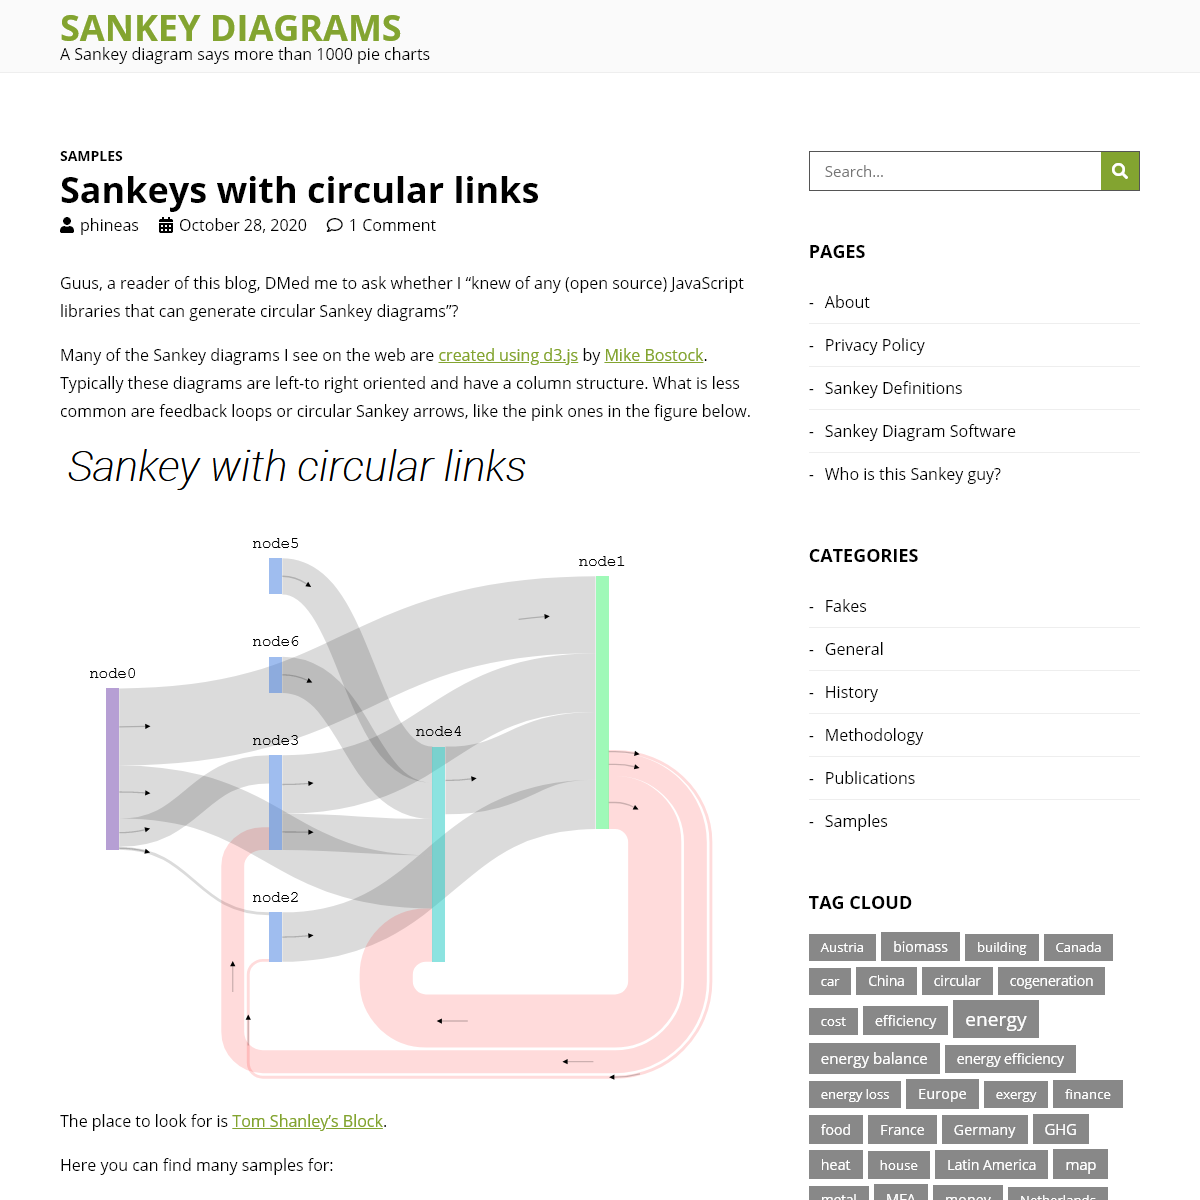 Sankey Diagrams – A Sankey diagram says more than 1000 pie charts